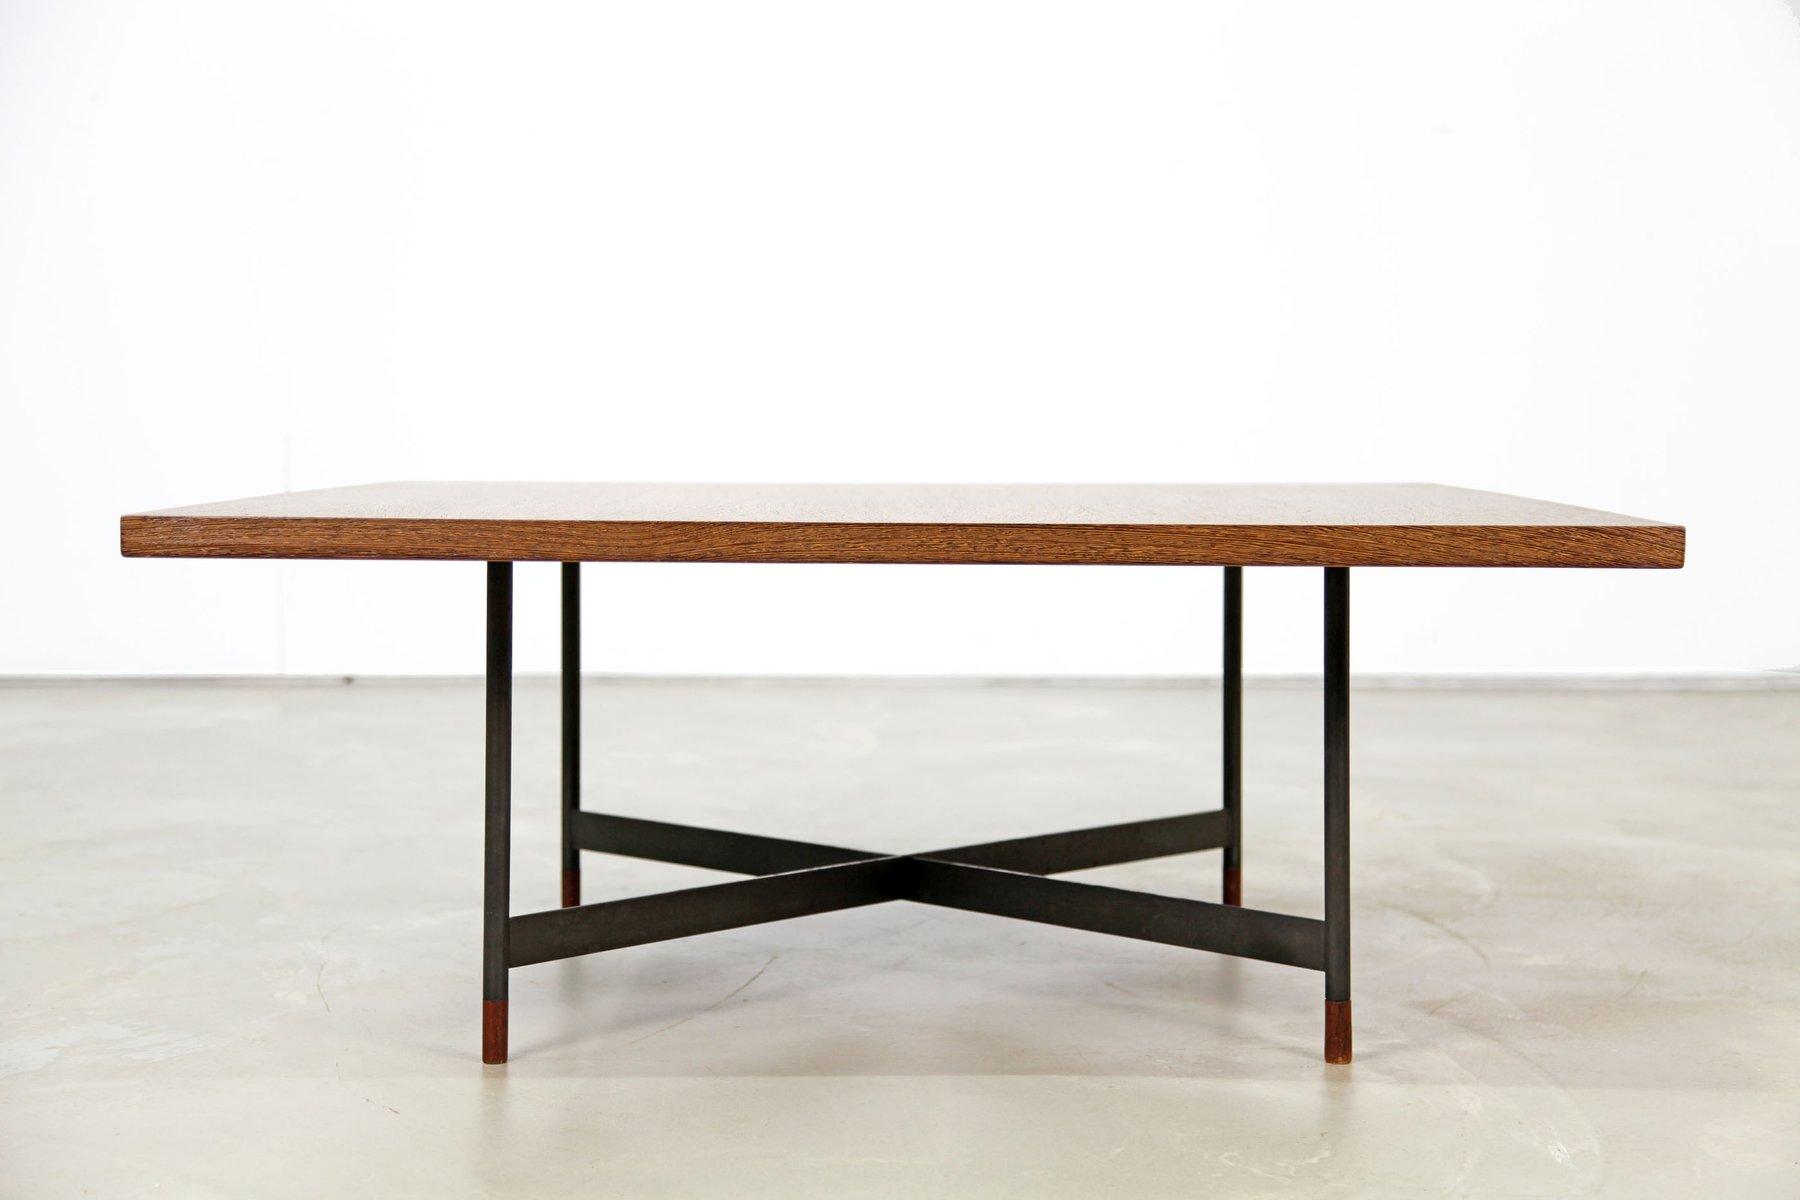 Danish model fj 57 wenge coffee table by finn juhl for - Table wenge ikea ...